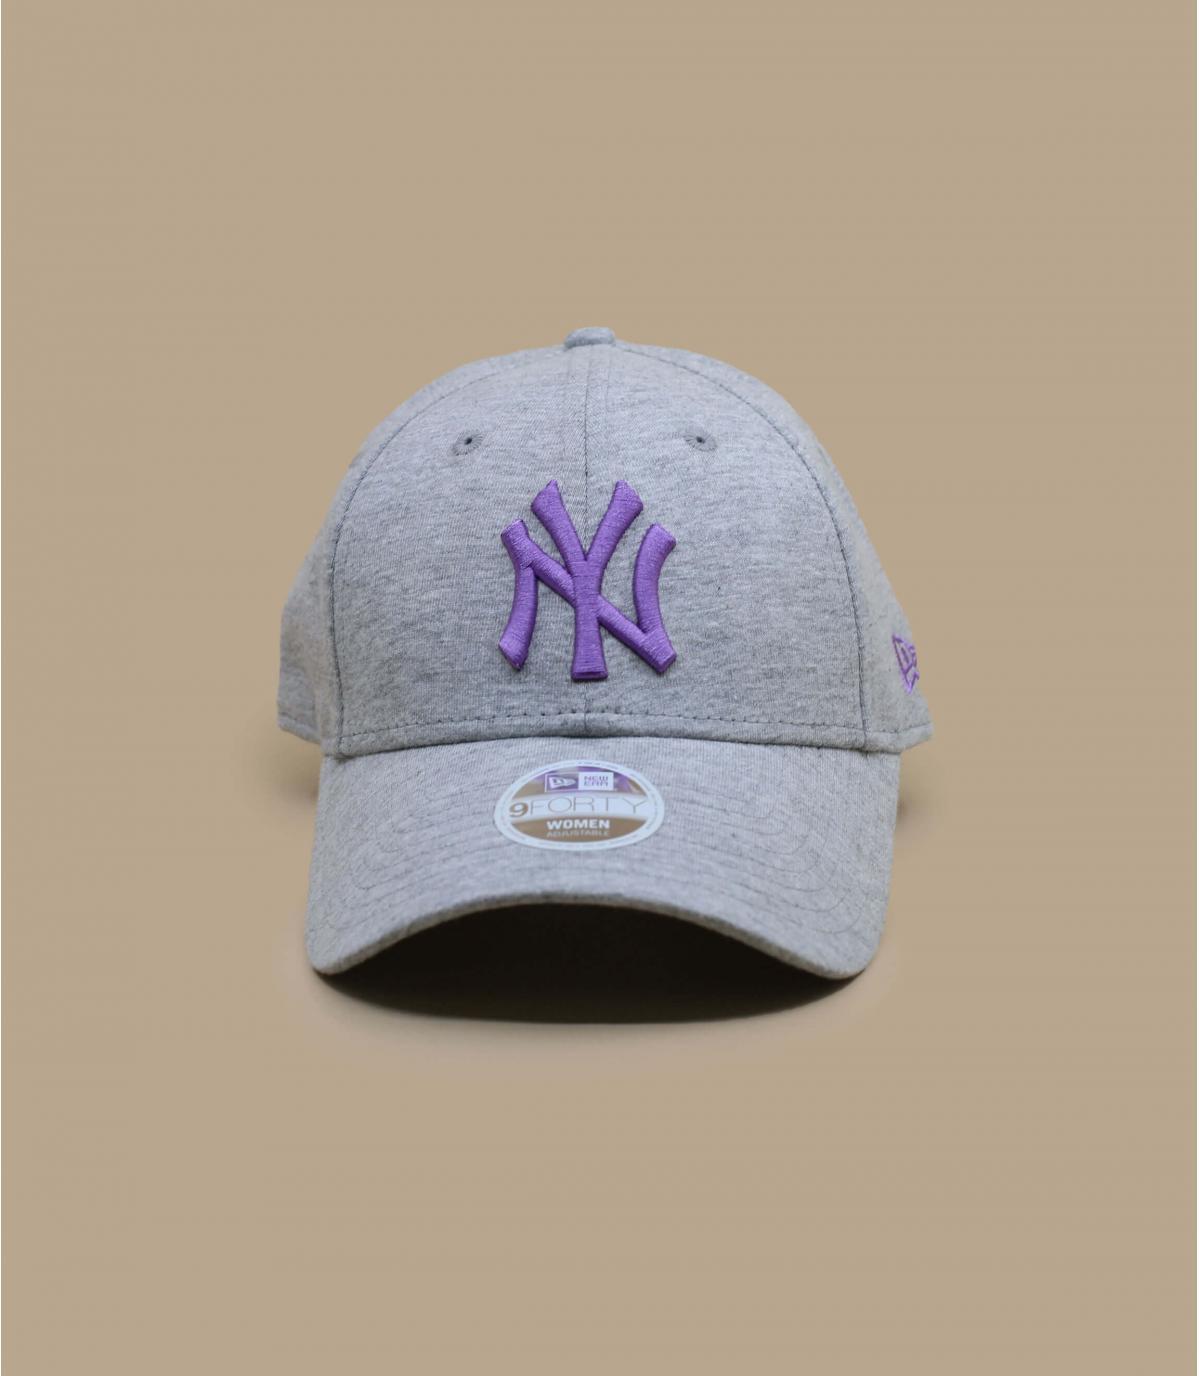 Detalles Wmn Jersey Ess 940 NY grey lavendar imagen 2